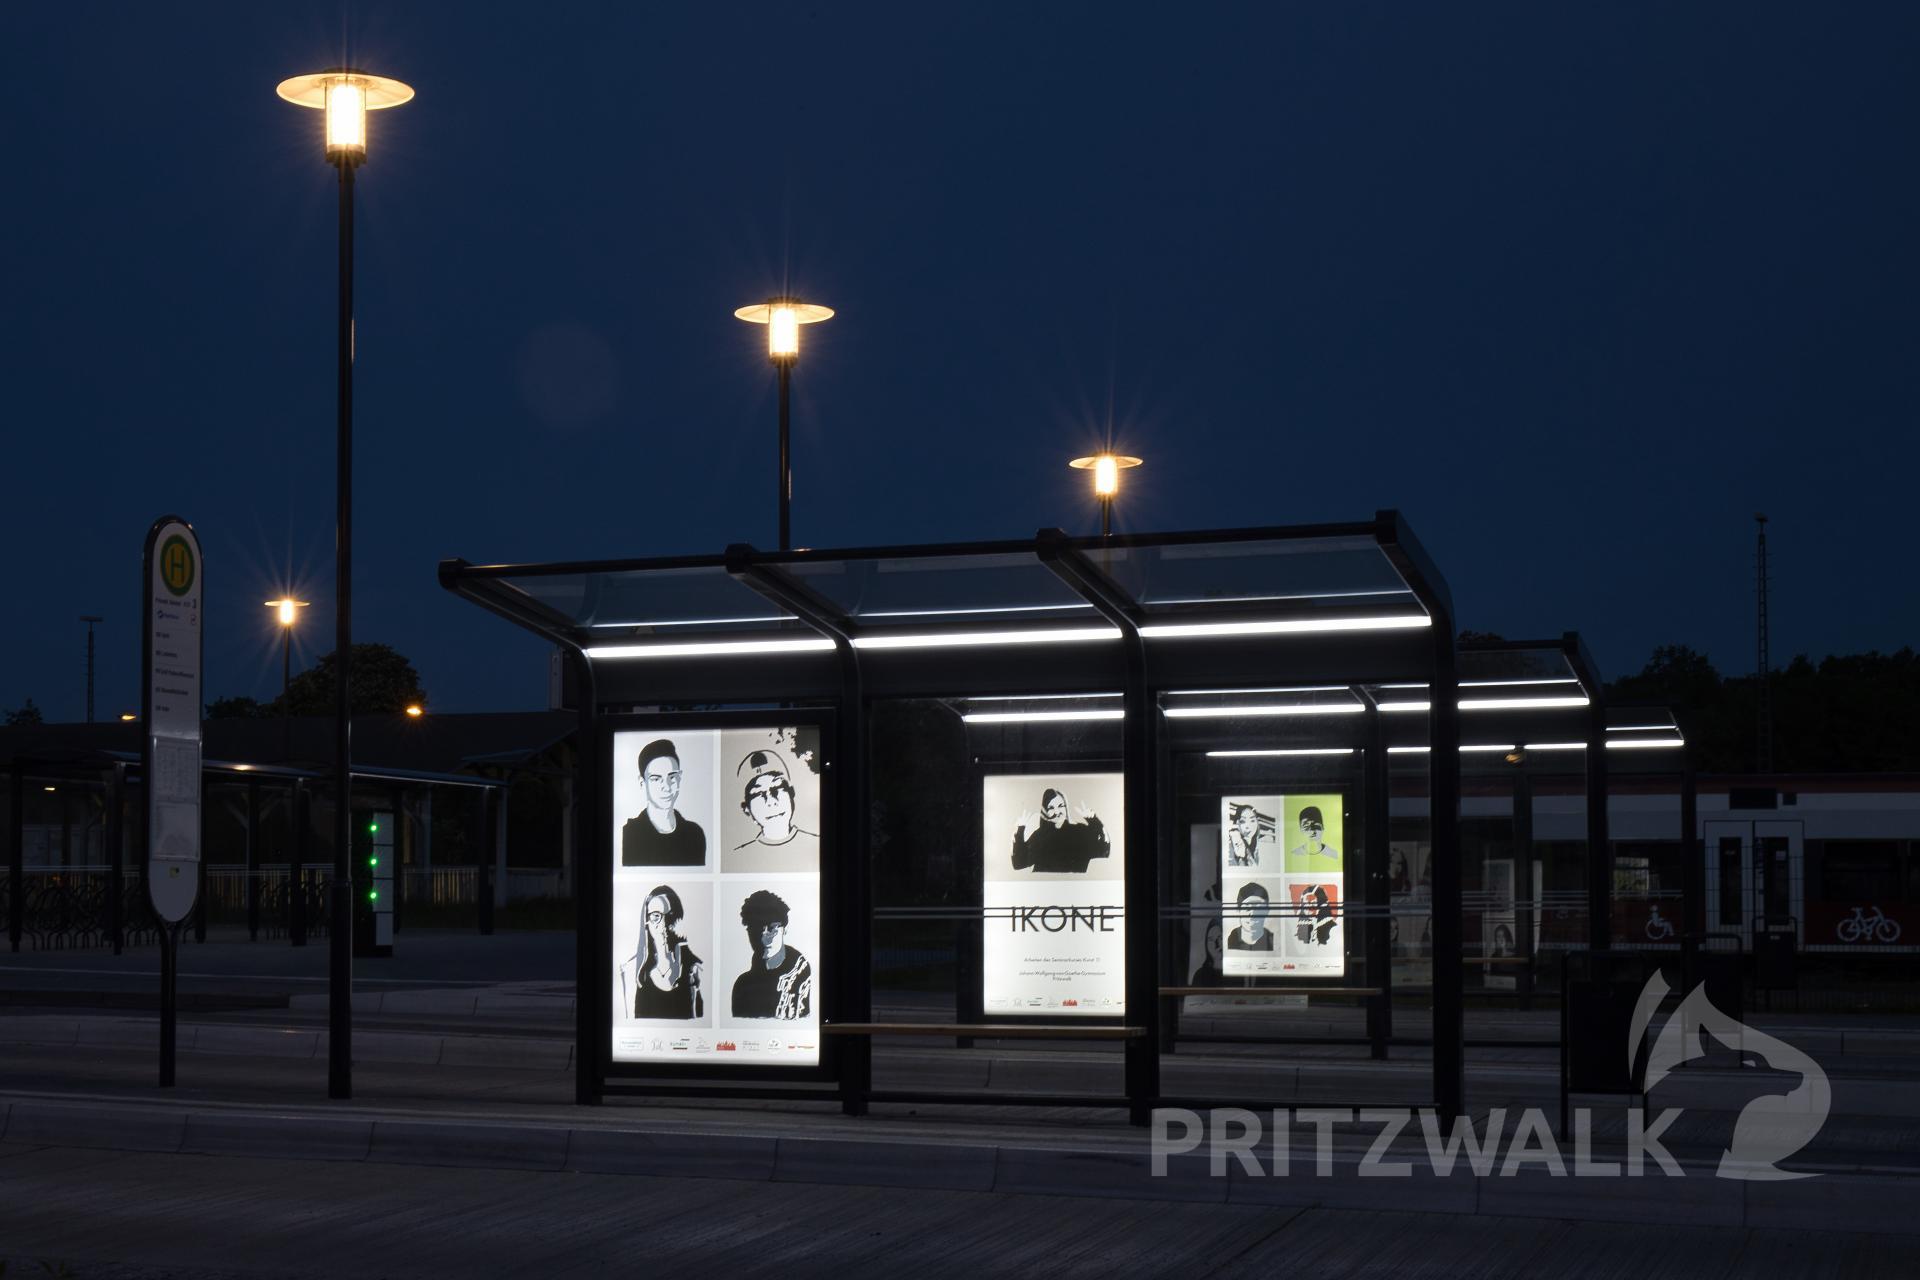 In der Nacht wirken die Bilder der Ausstellung Ikone besonders beeindruckend. Foto: Lars Schladitz